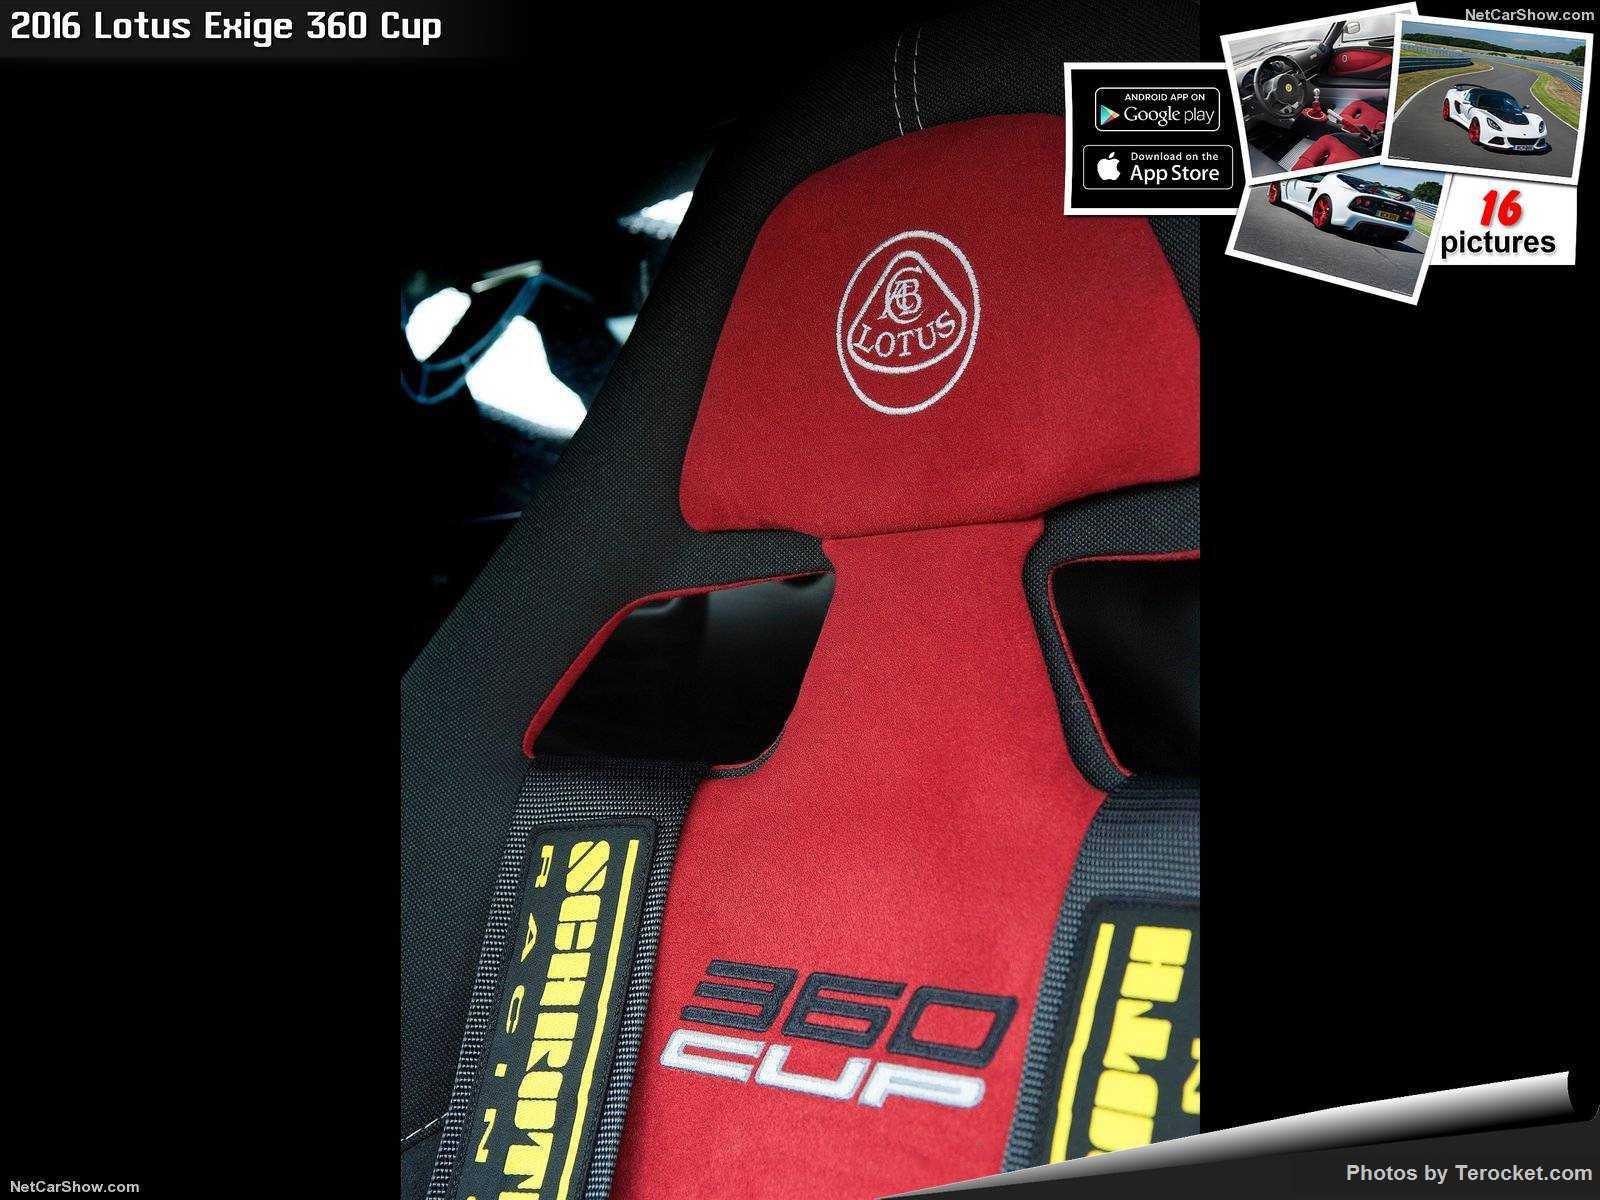 Hình ảnh siêu xe Lotus Exige 360 Cup 2016 & nội ngoại thất